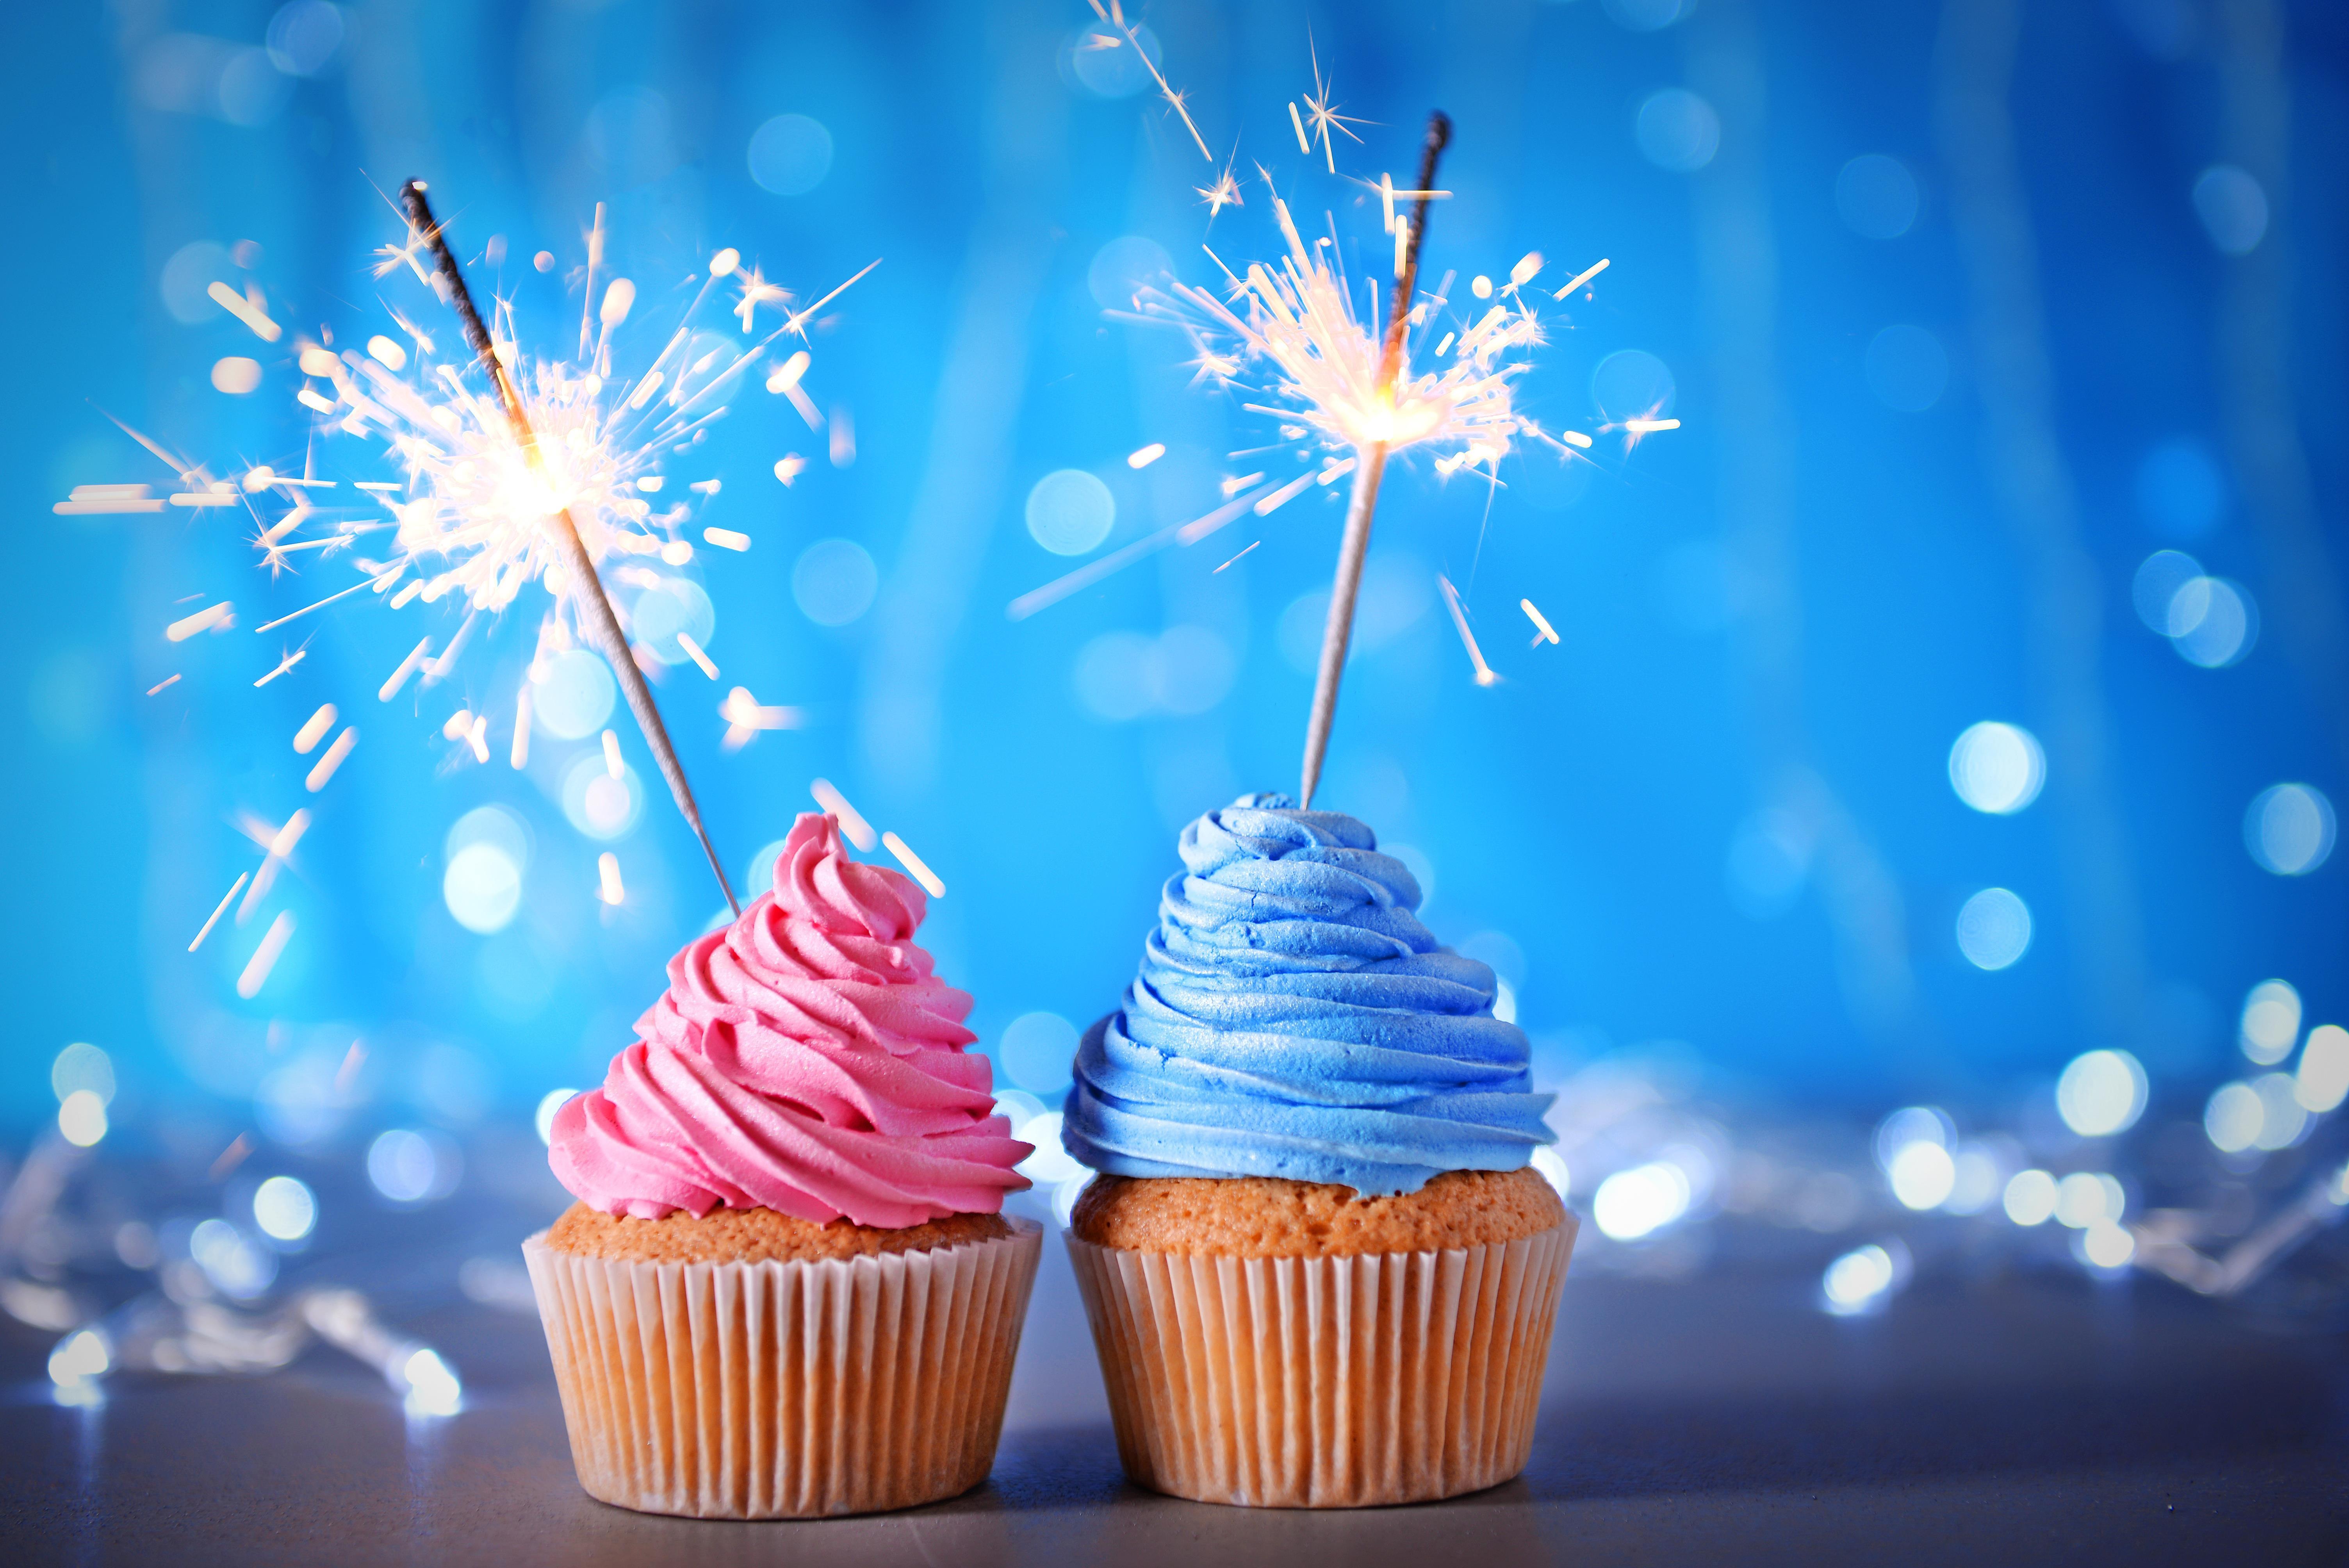 Vivre jusqu'à 80 ans est un grand succèsl Célébrer-le magnifiquement.